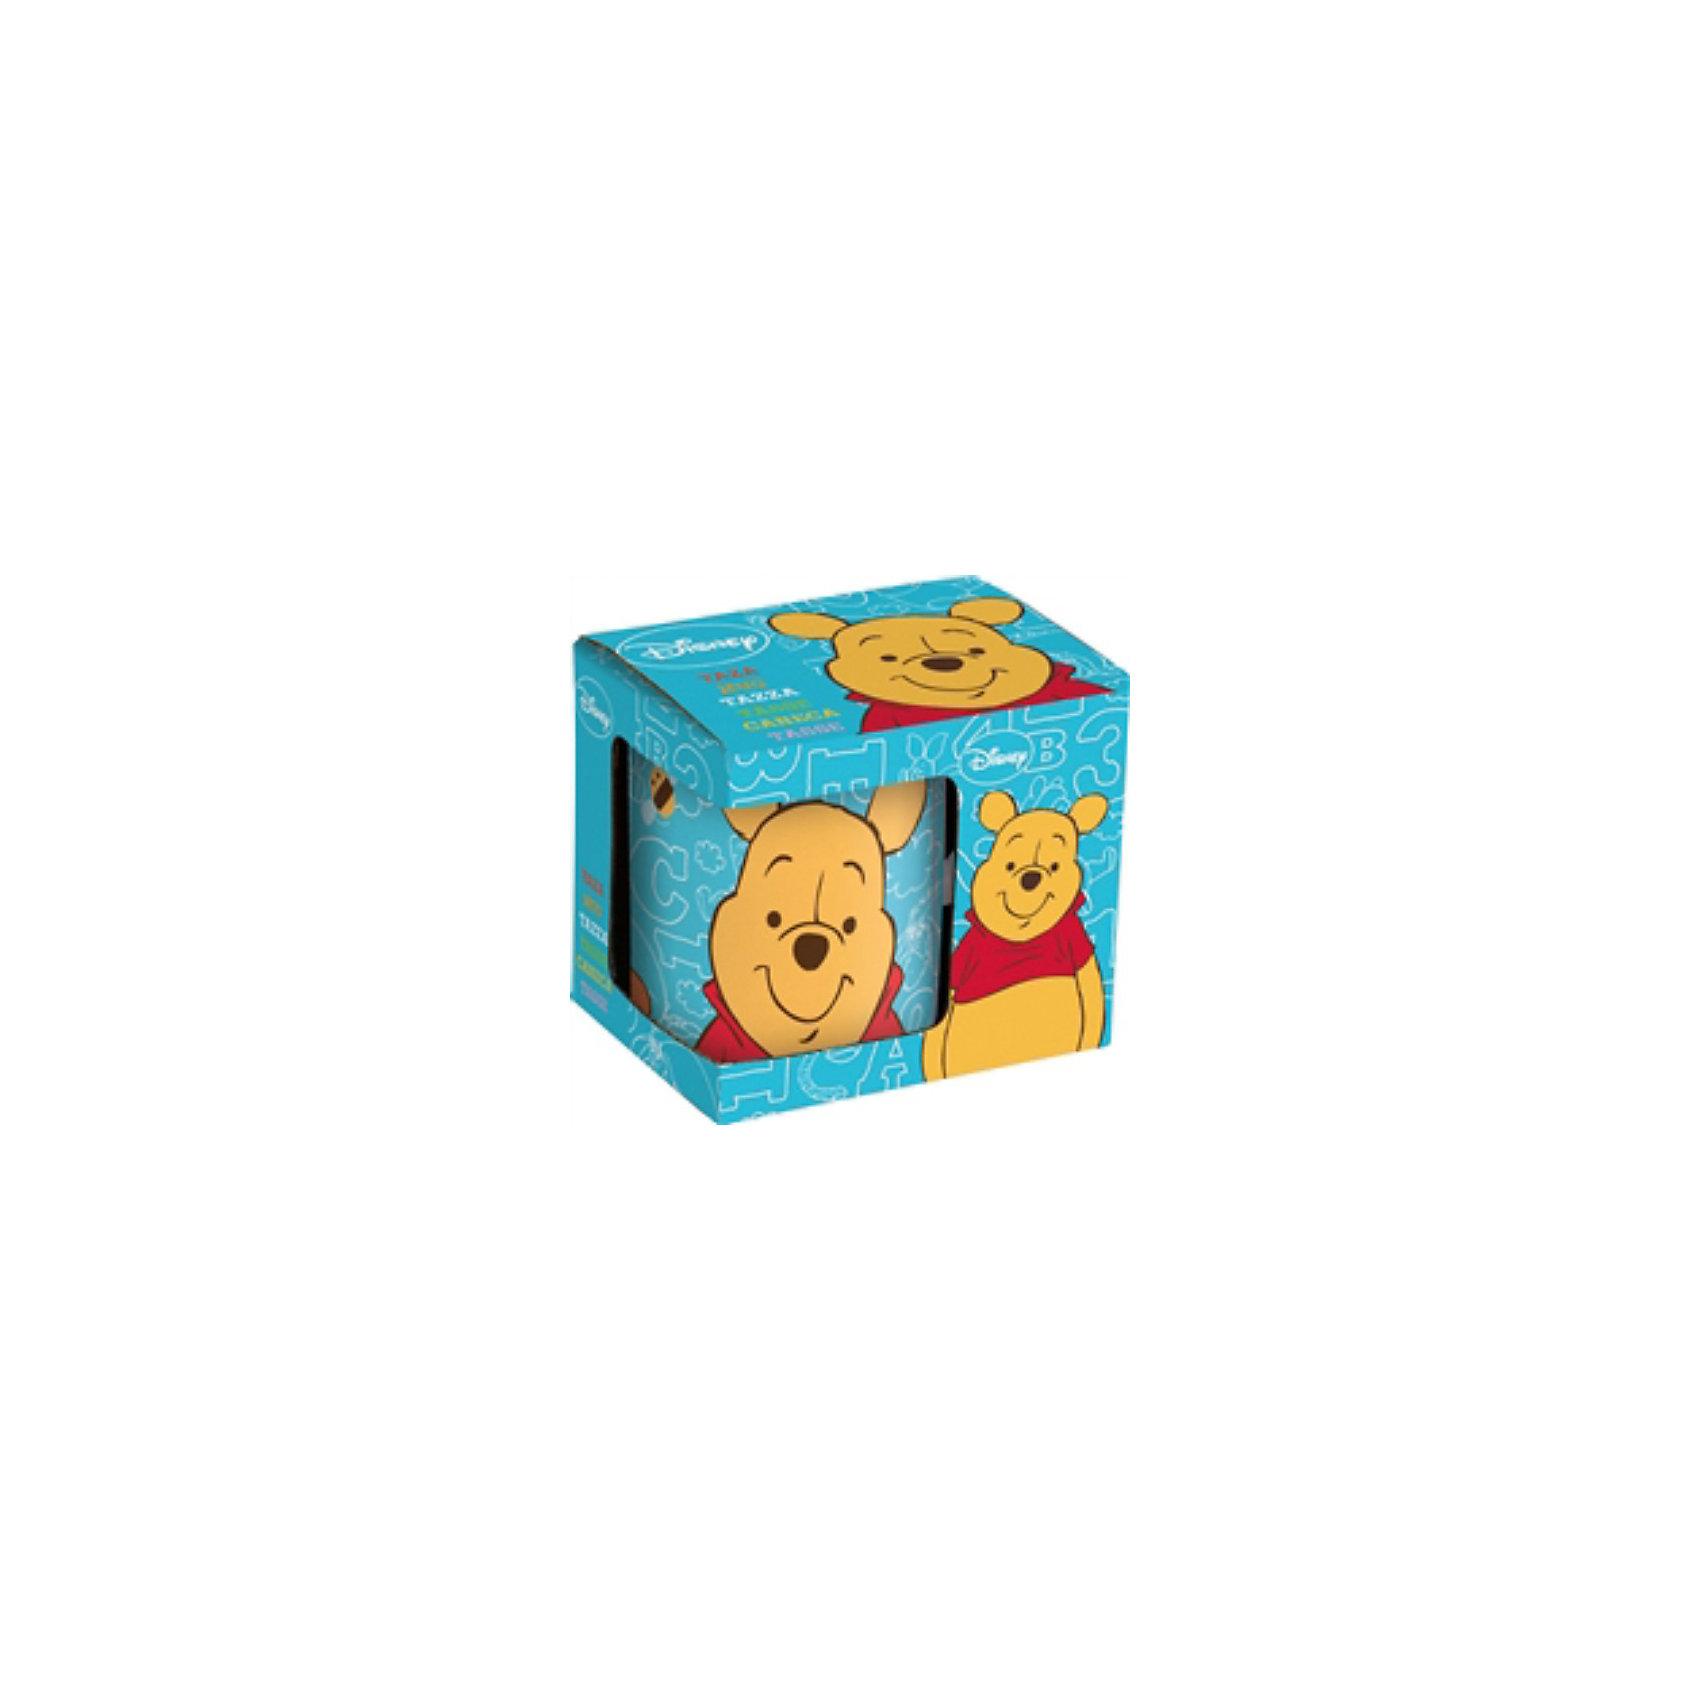 Кружка керамическая в подарочной упаковке (325 мл), Винни ПухDisney Винни Пух<br>Кружка керамическая в подарочной упаковке (325 мл), Винни Пух будет хорошим подарком для Вашего ребенка.<br>Керамическая детская кружка порадует Вашего малыша и идеально подойдет для повседневного использования. Кружка оформлена в ярком красочном дизайне по мотивам любимого всеми мультфильма «Винни Пух». Кружка упакована в яркую подарочную коробочку.<br><br>Дополнительная информация:<br><br>- Материал: керамика<br>- Объем: 325 мл.<br>- Размер: 115 х 90 х 105 мм.<br><br>Кружку керамическую в подарочной упаковке (325 мл), Винни Пух можно купить в нашем интернет-магазине.<br><br>Ширина мм: 115<br>Глубина мм: 90<br>Высота мм: 105<br>Вес г: 365<br>Возраст от месяцев: 36<br>Возраст до месяцев: 120<br>Пол: Унисекс<br>Возраст: Детский<br>SKU: 3777957